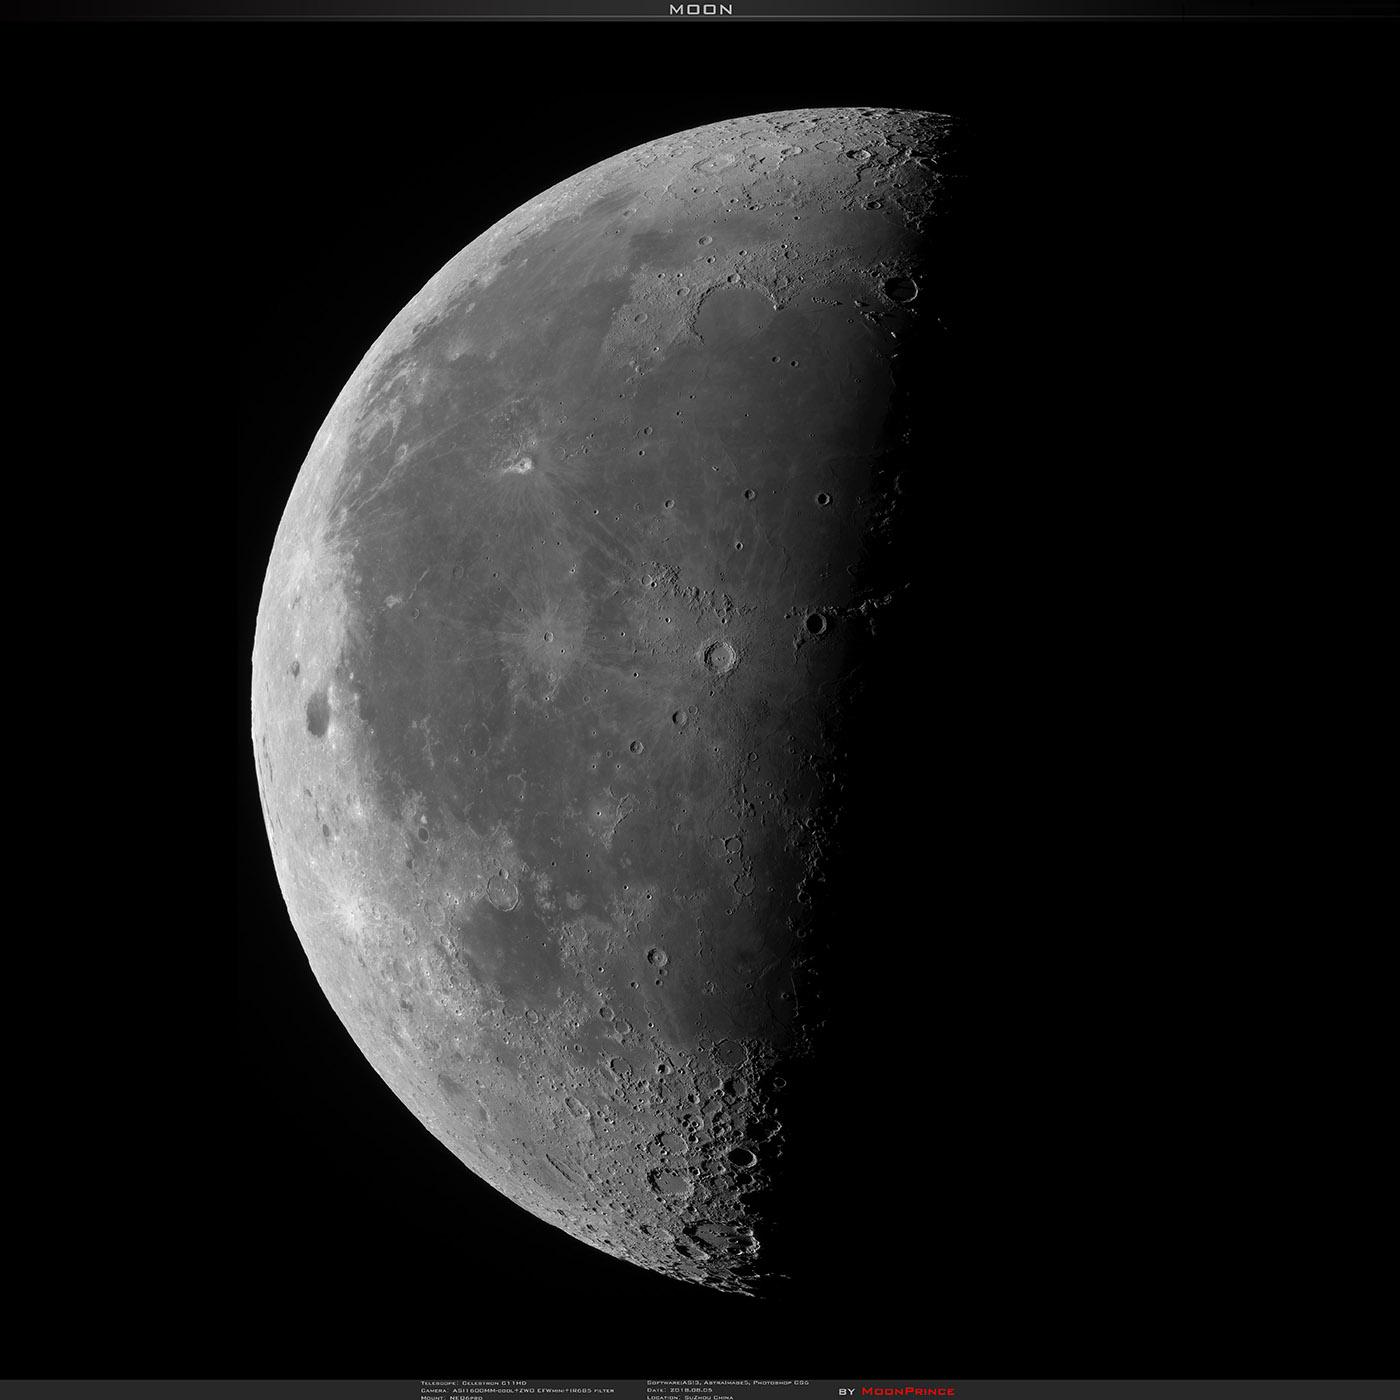 Moon20180805-20.jpg